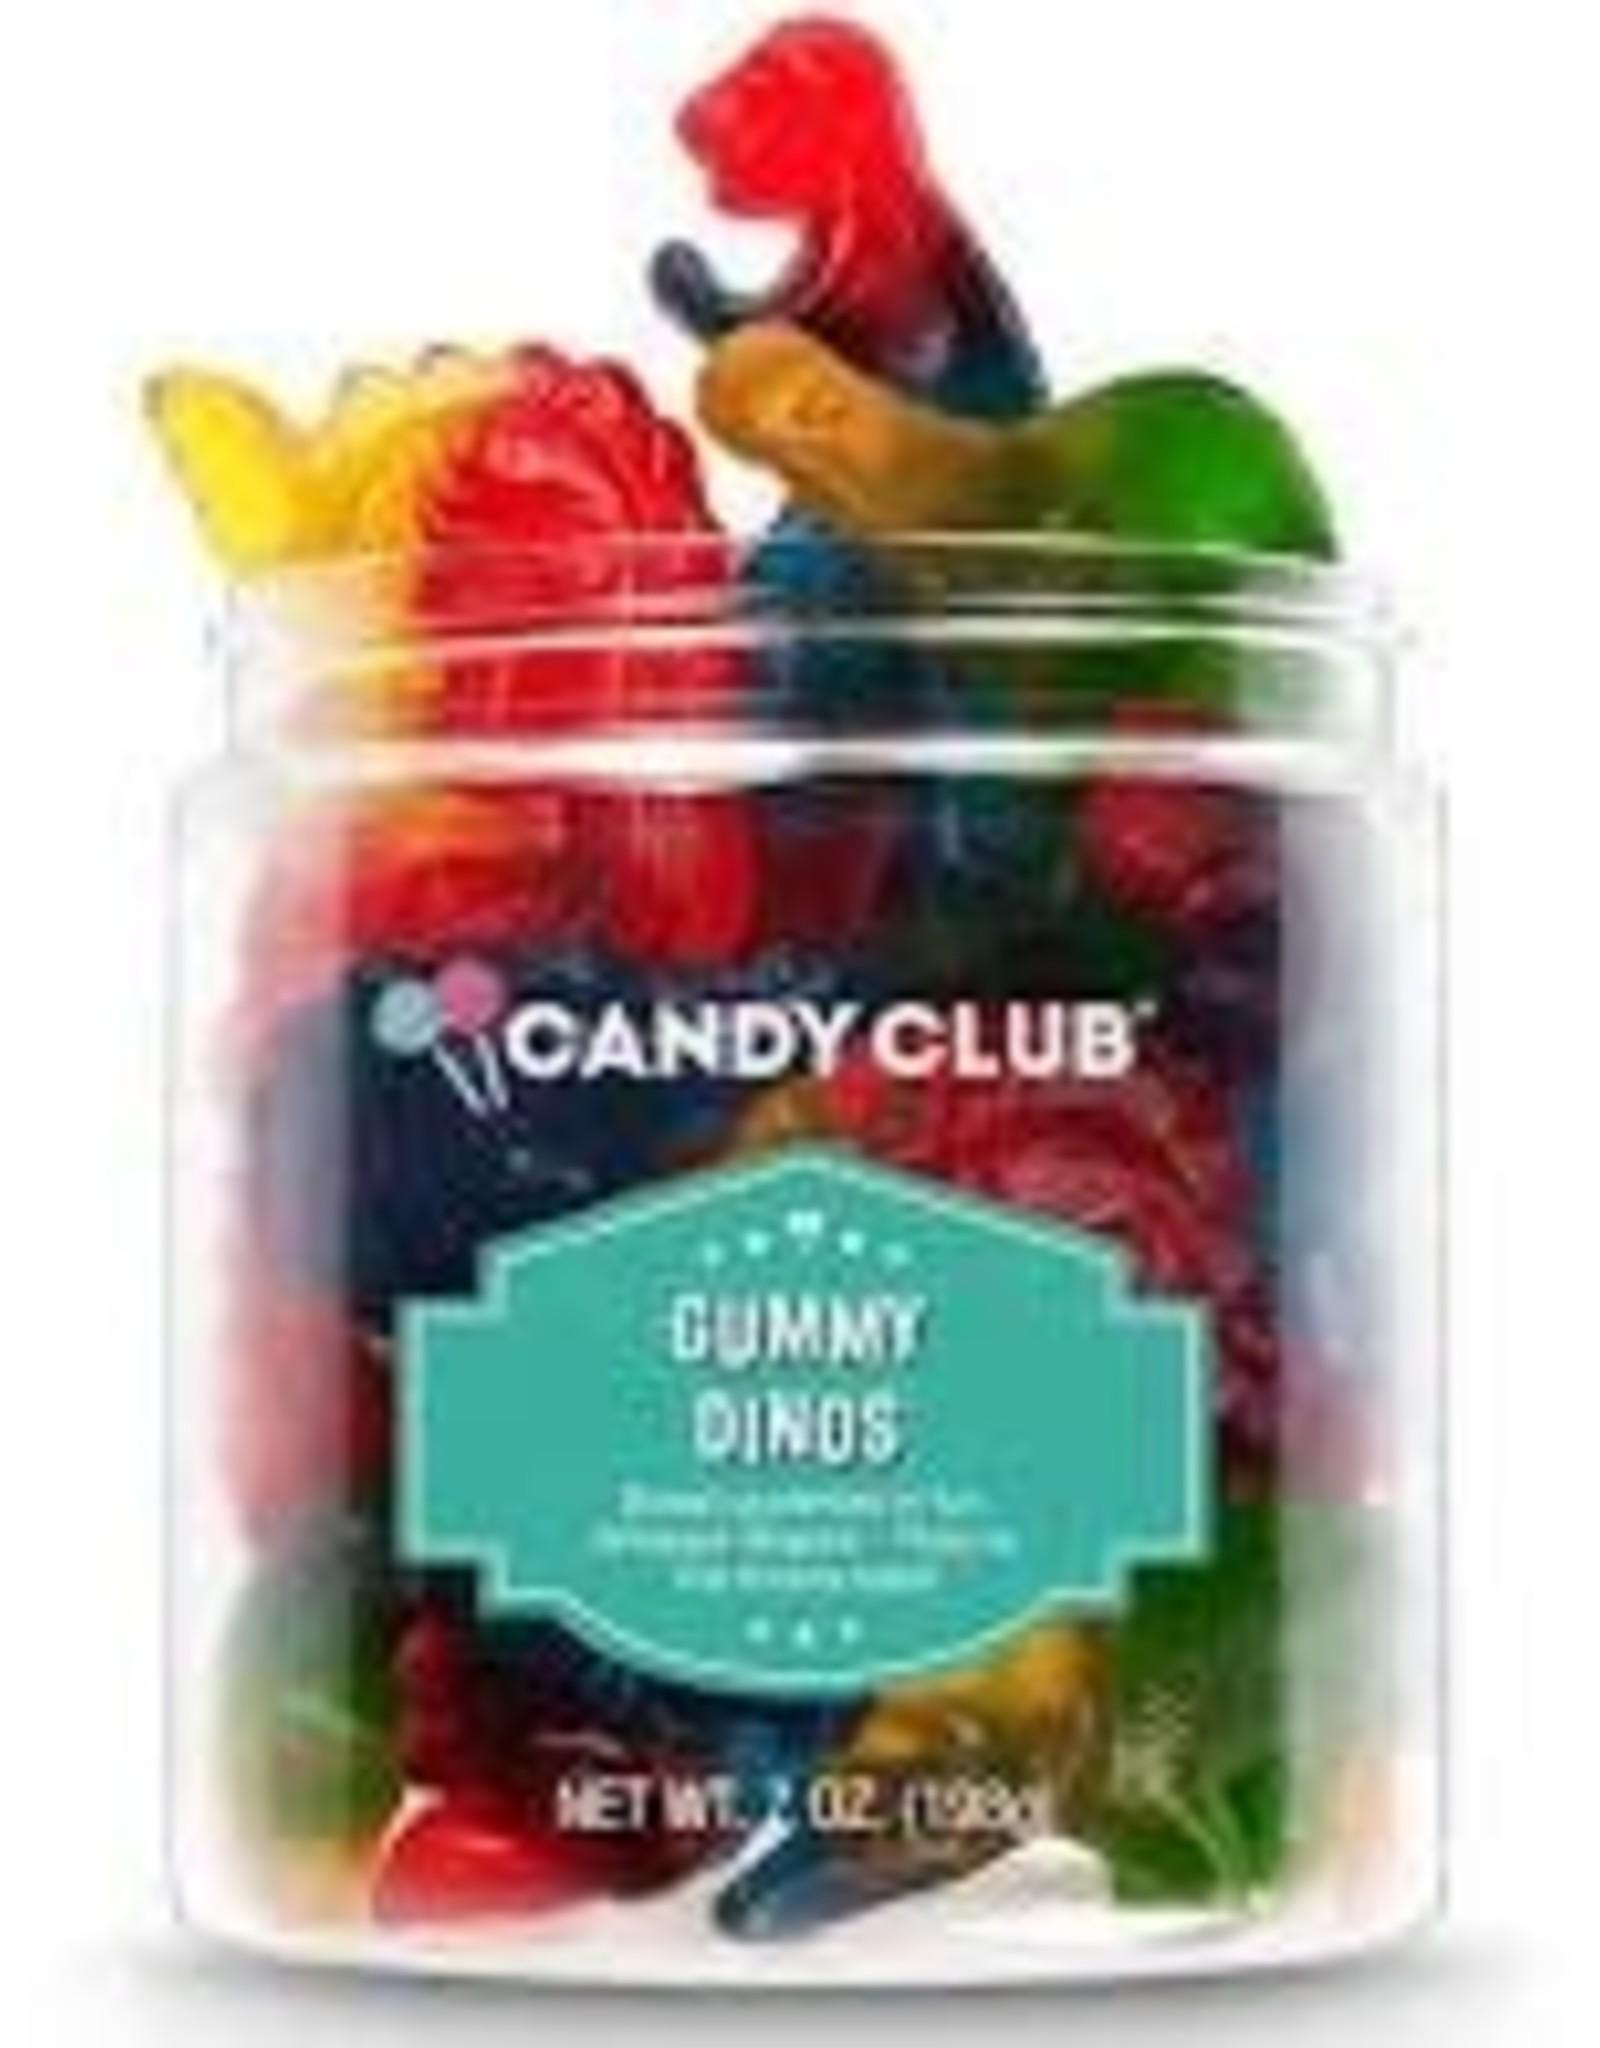 CANDY CLUB CANDY CLUB GUMMY DINOS